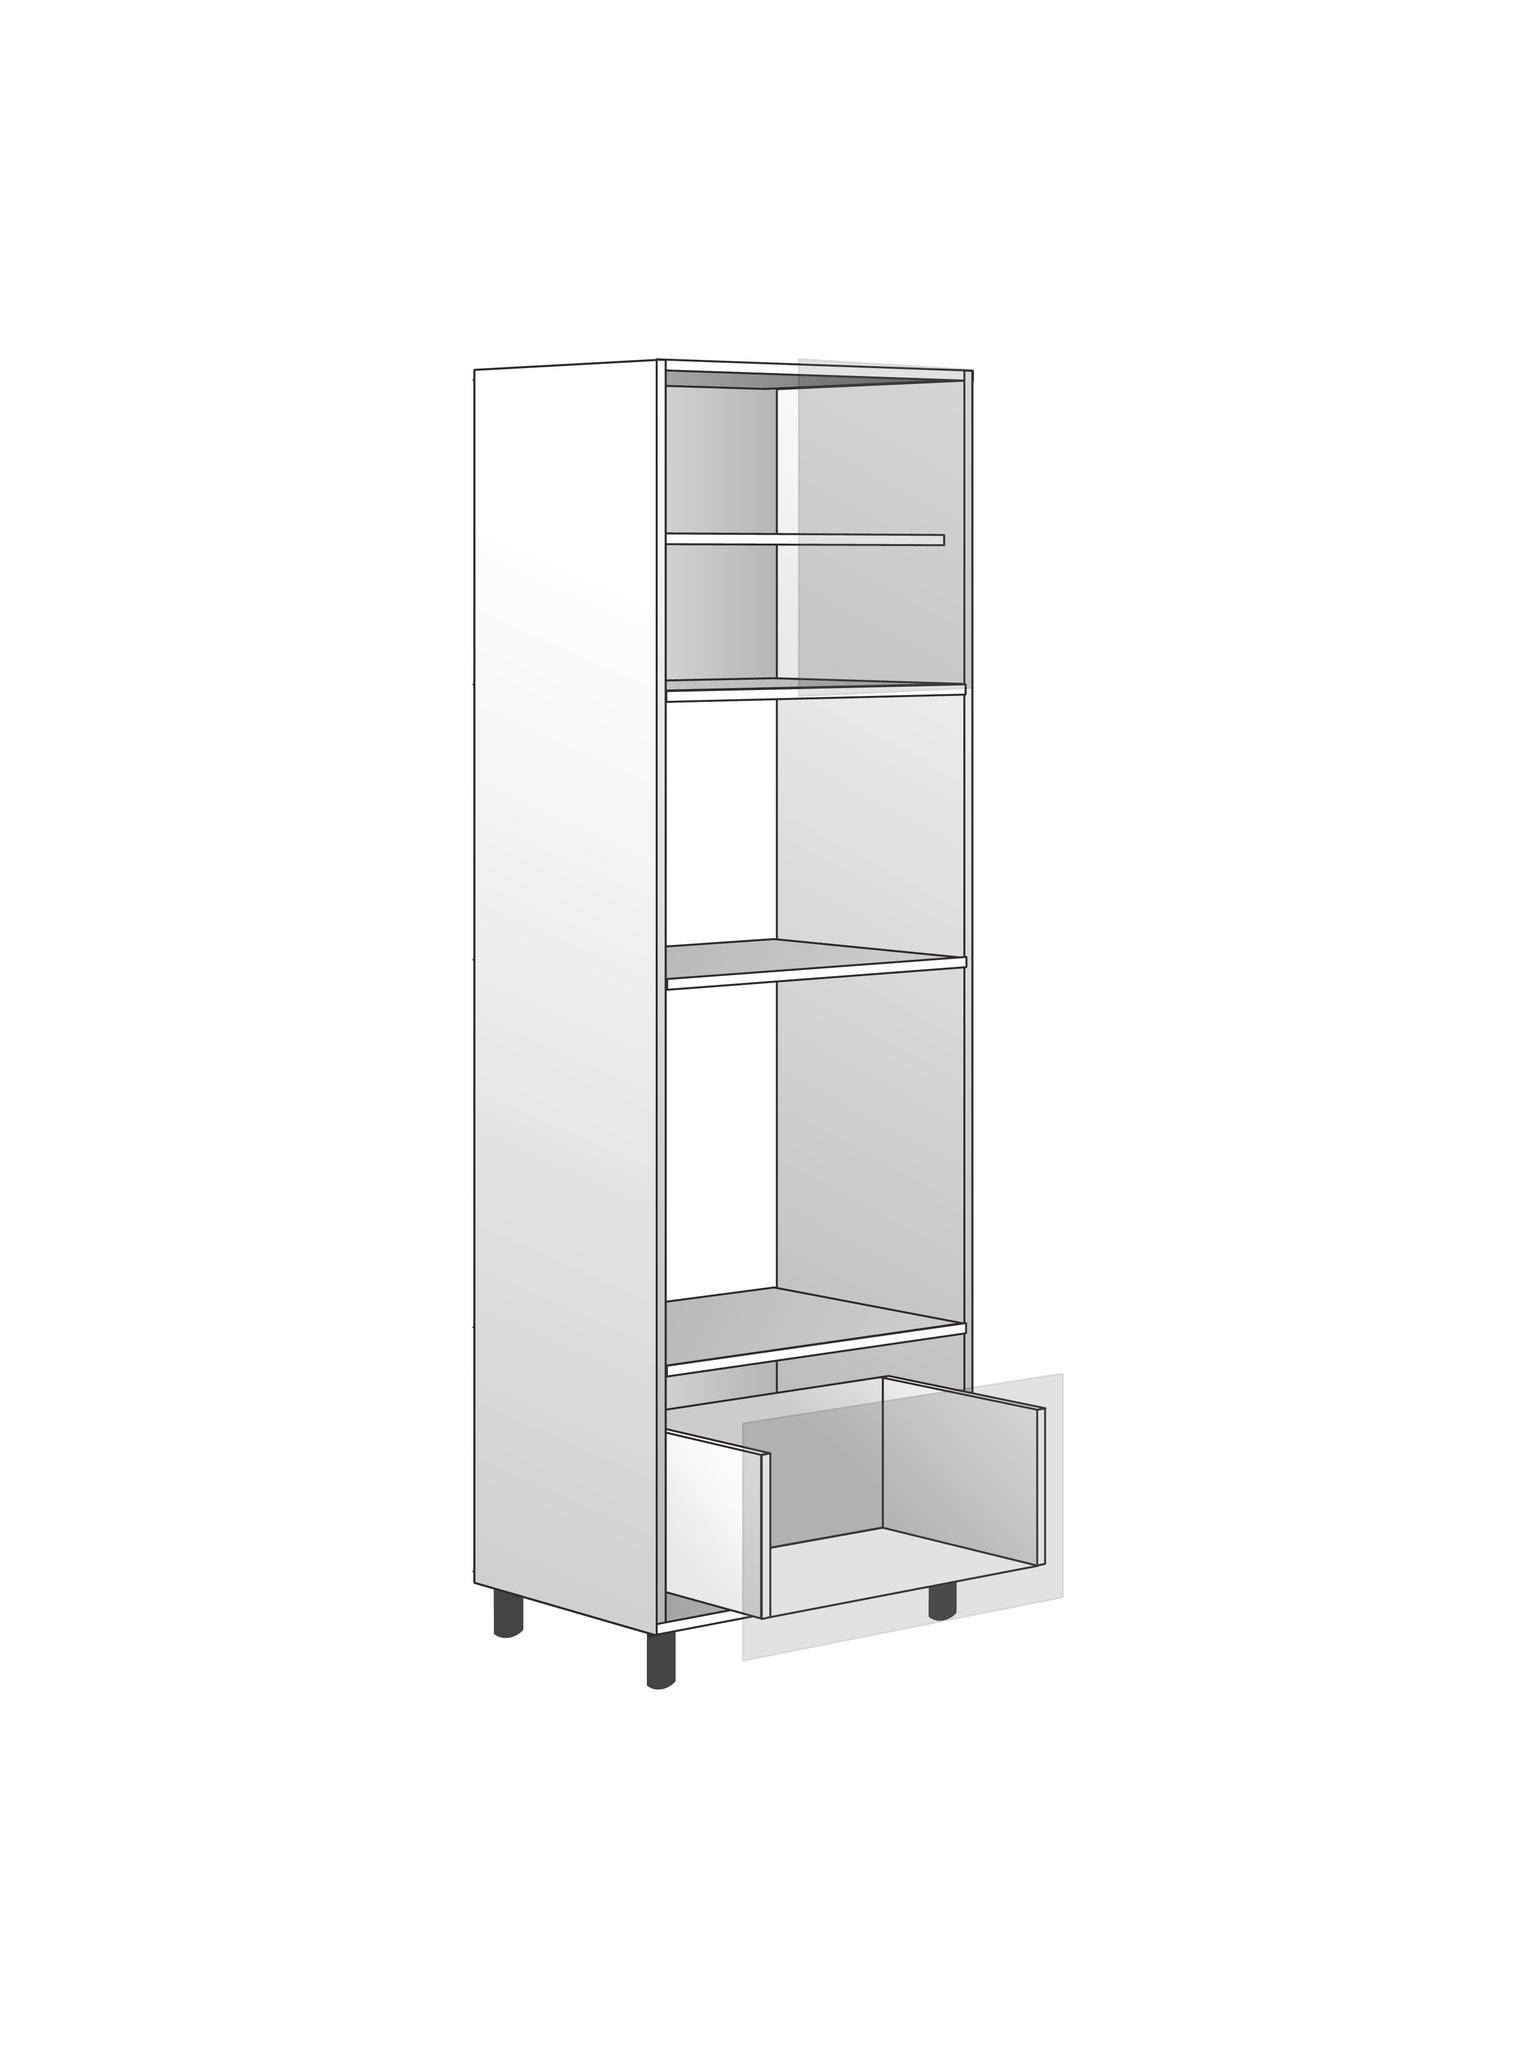 Напольный шкаф для духовки и микроволновки, 1920Х600 мм